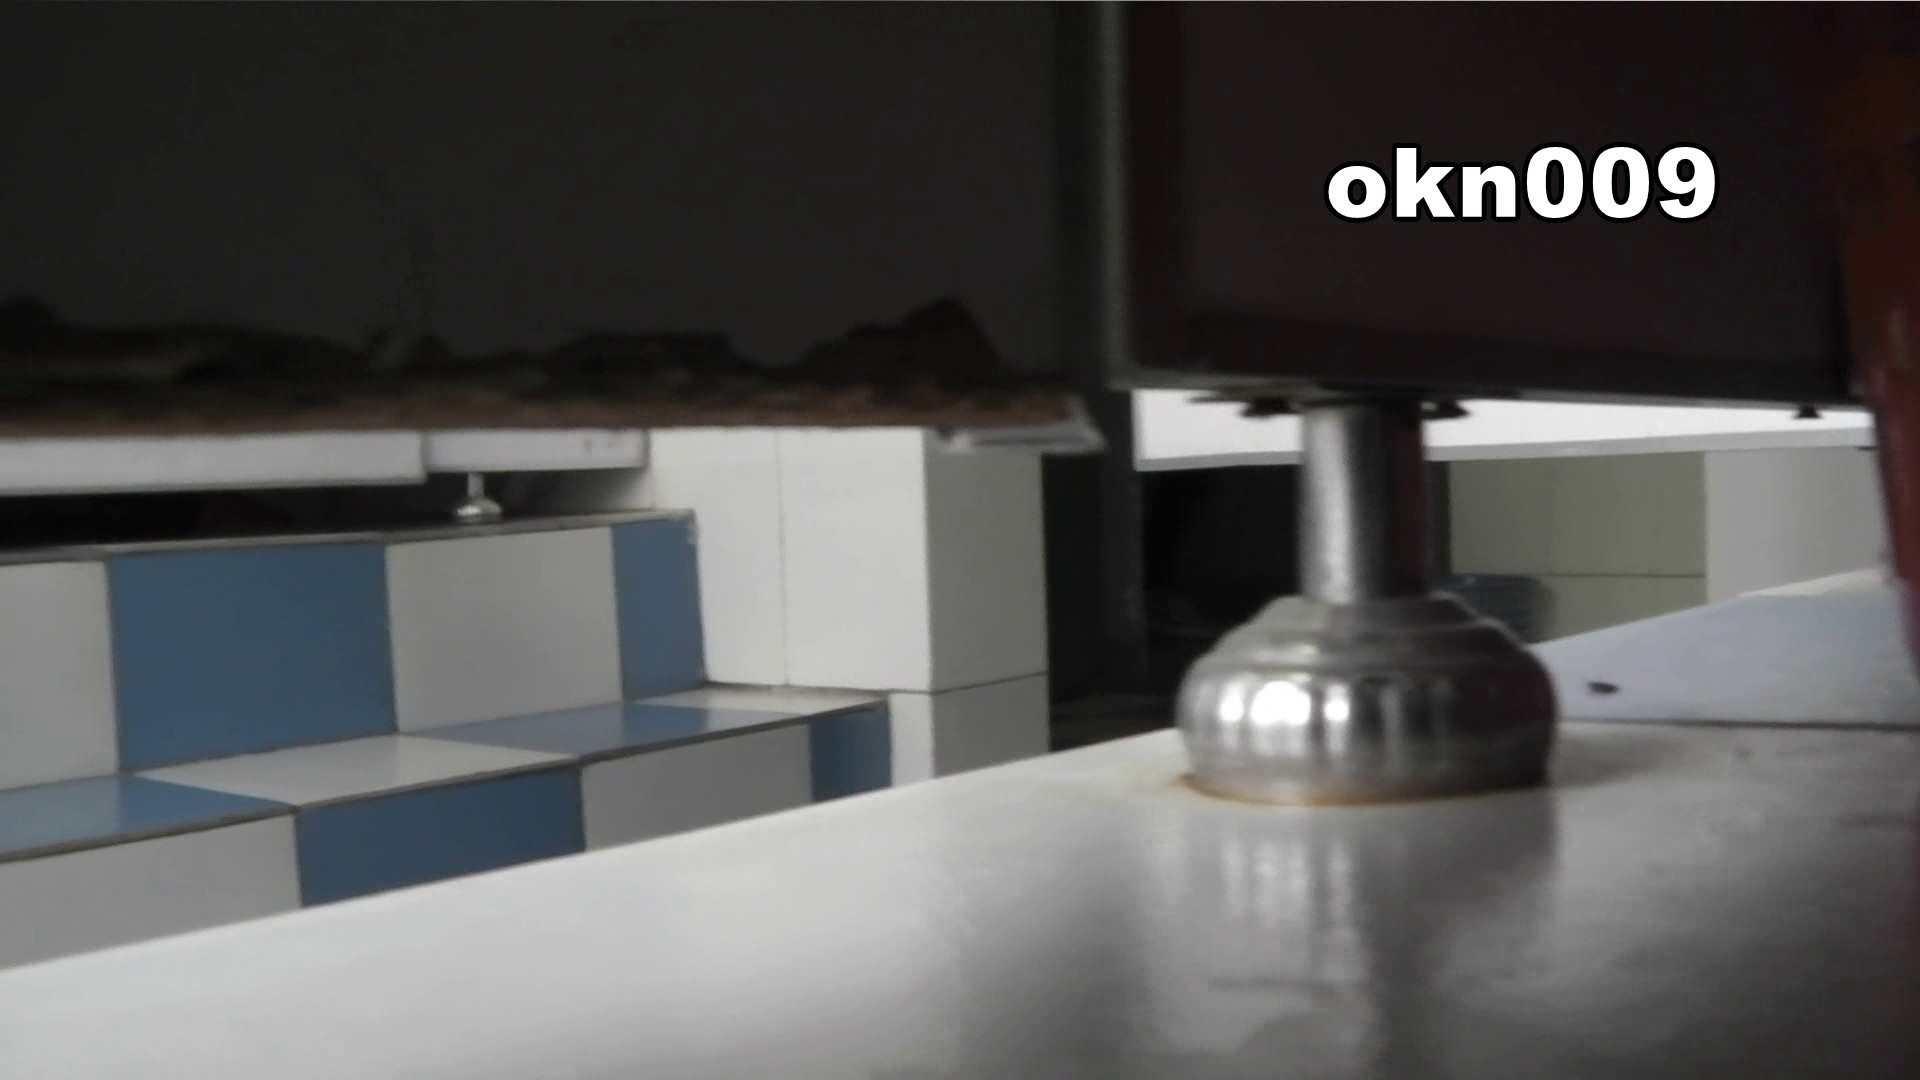 下からノゾム vol.009 リキンでモリアガった割にヒョロ 丸見え  109画像 4